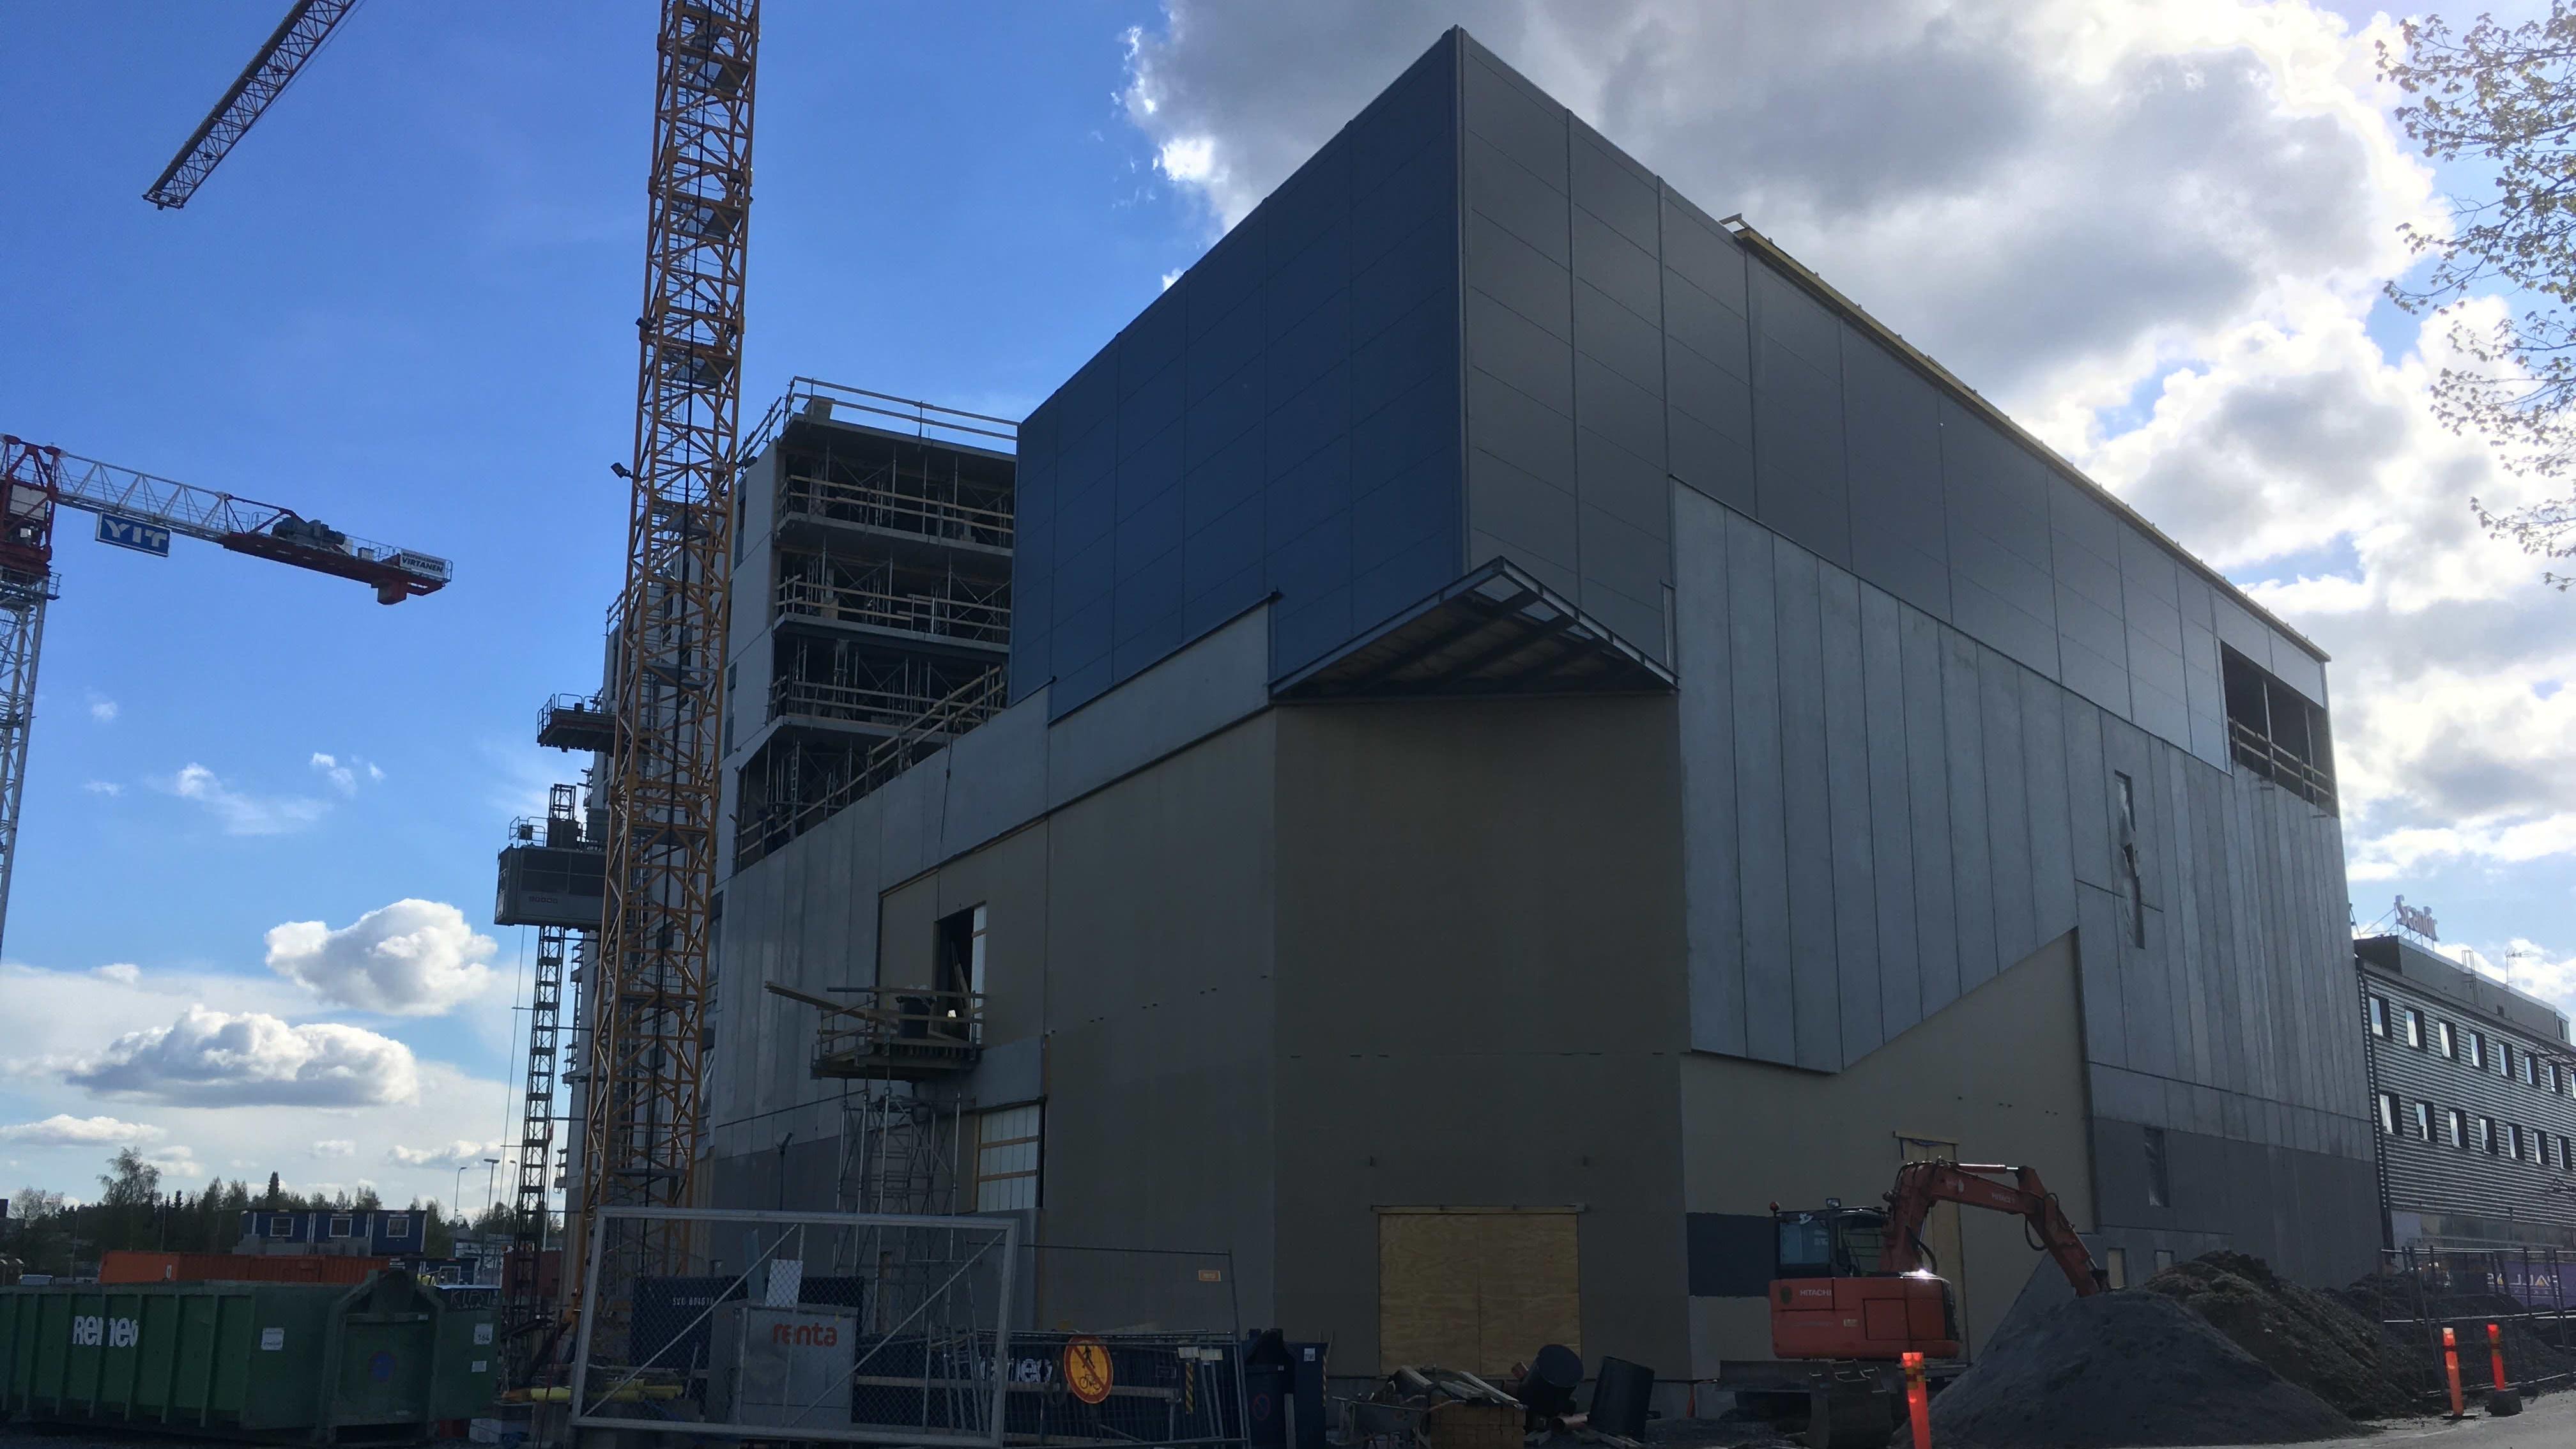 Seinäjoen uusi elokuvateatteri